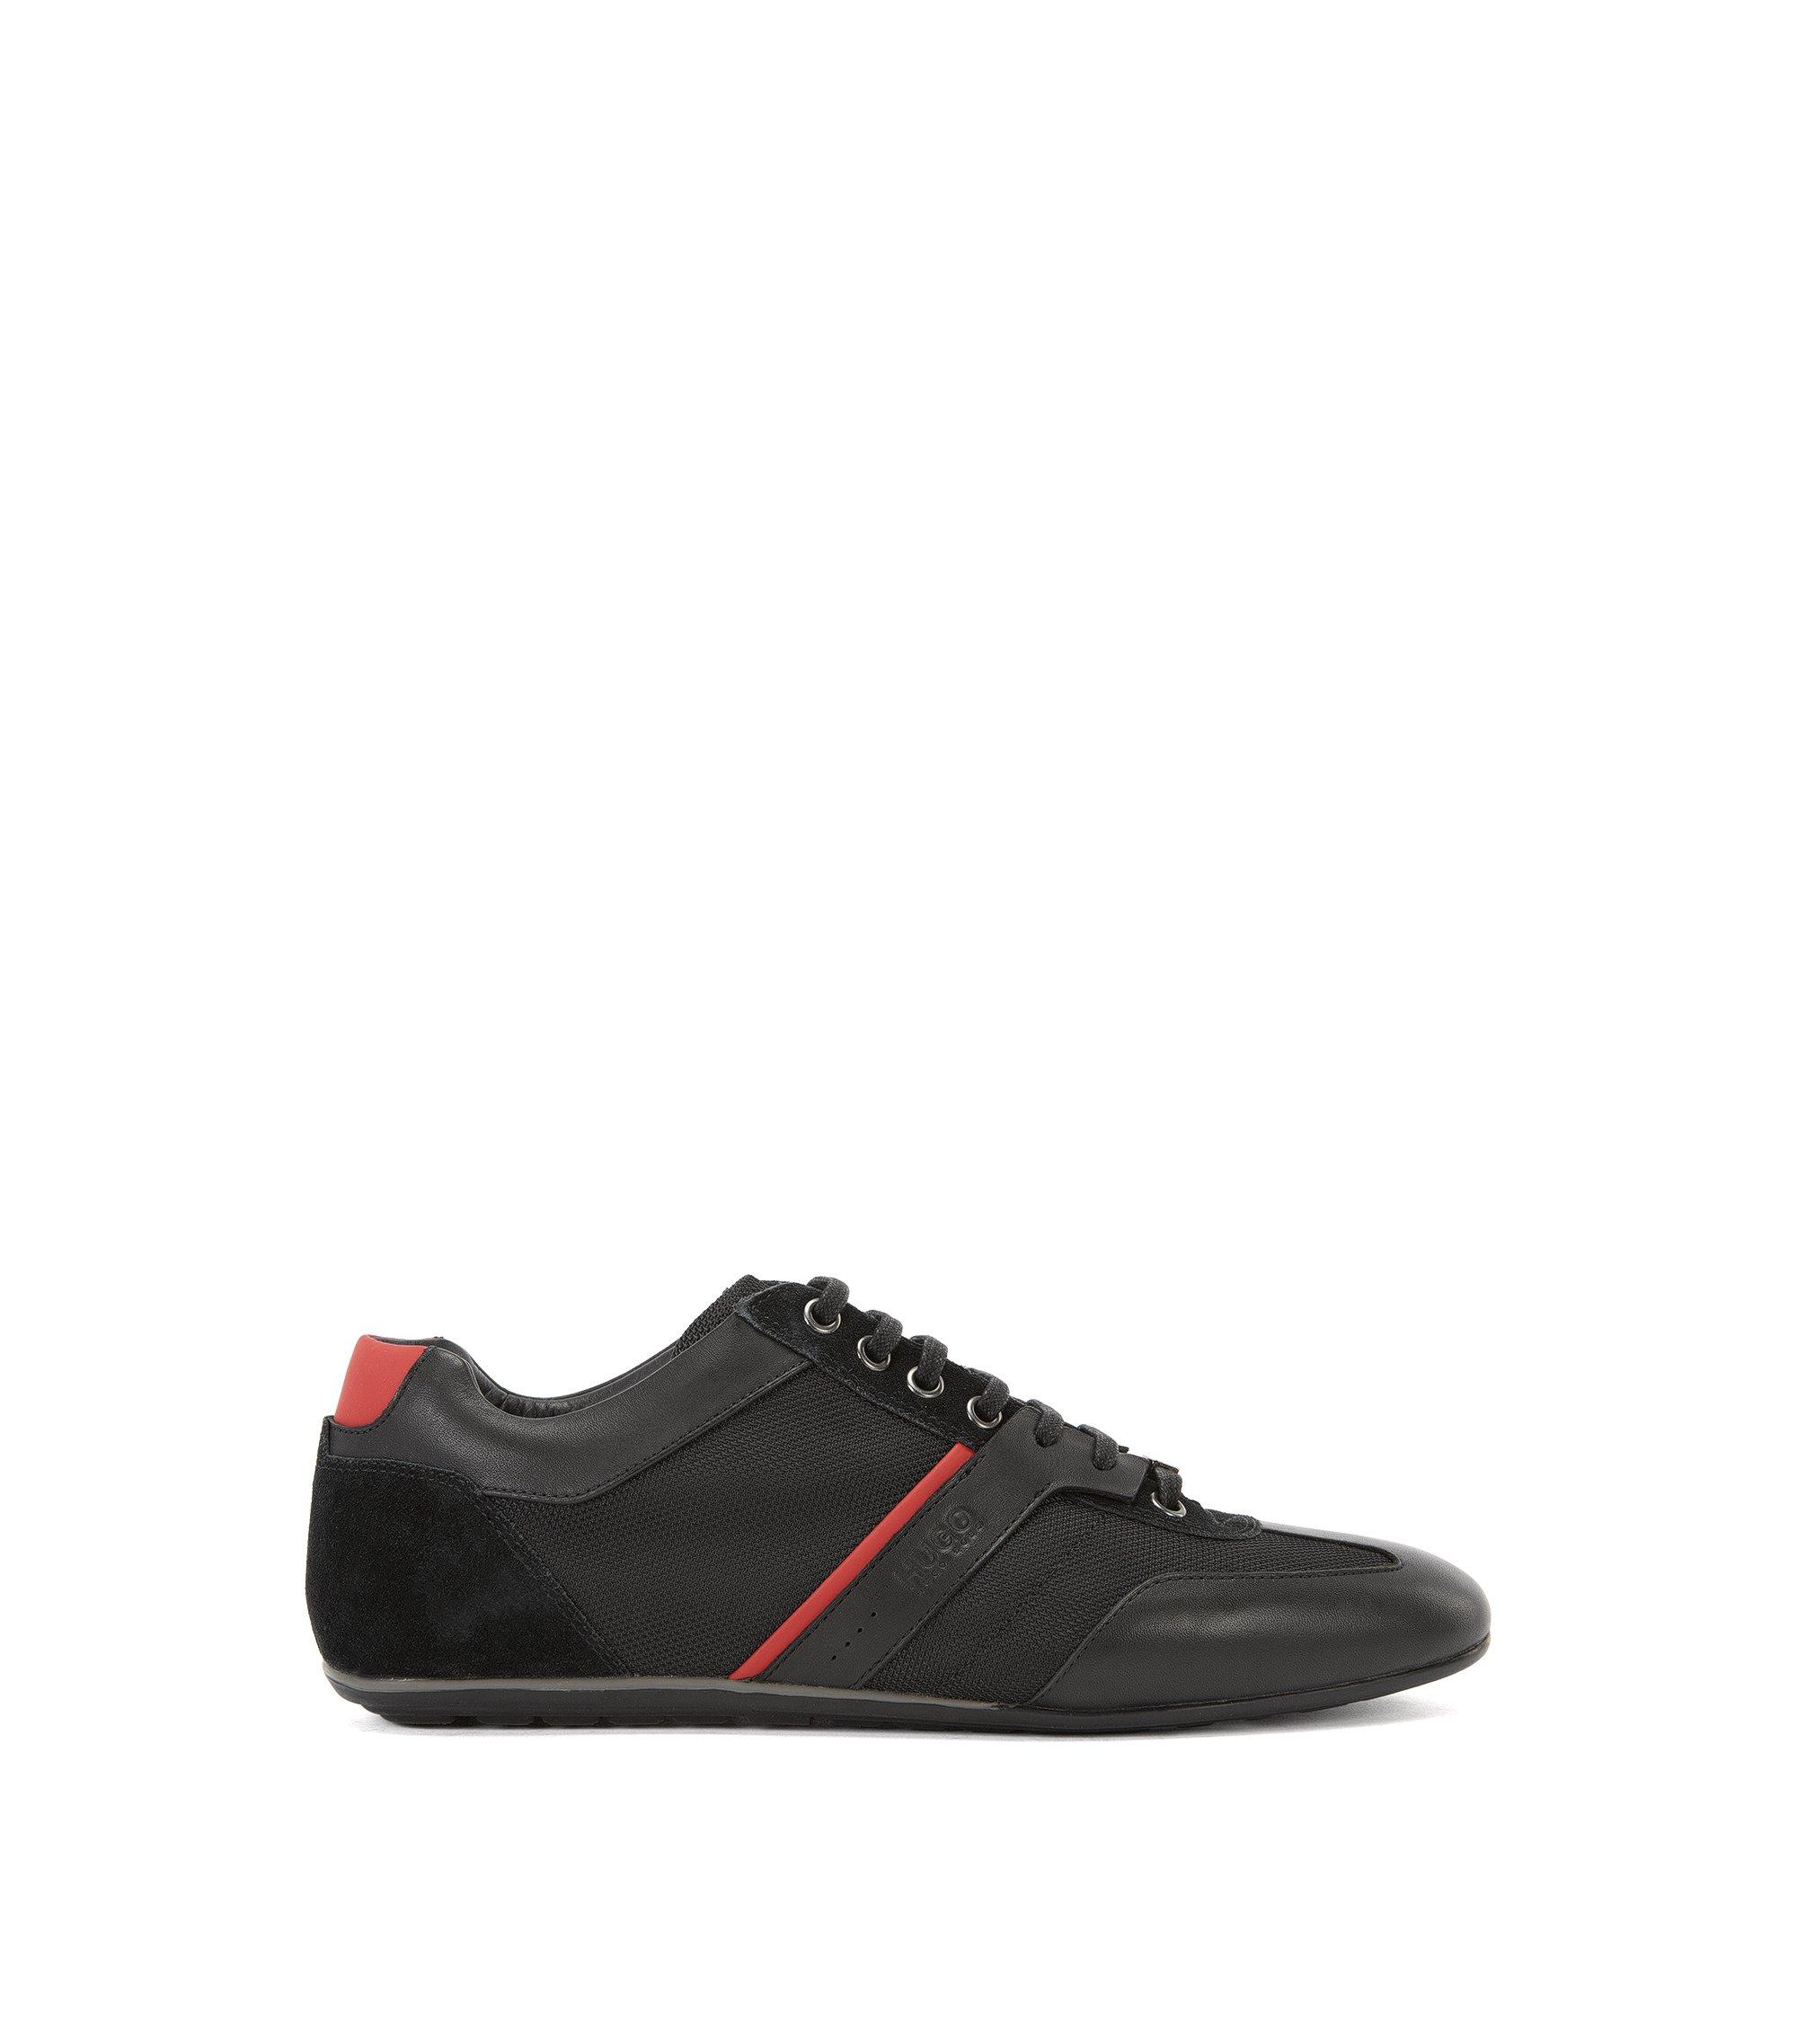 Chaussures de sport basses avec revêtements en cuir, Noir